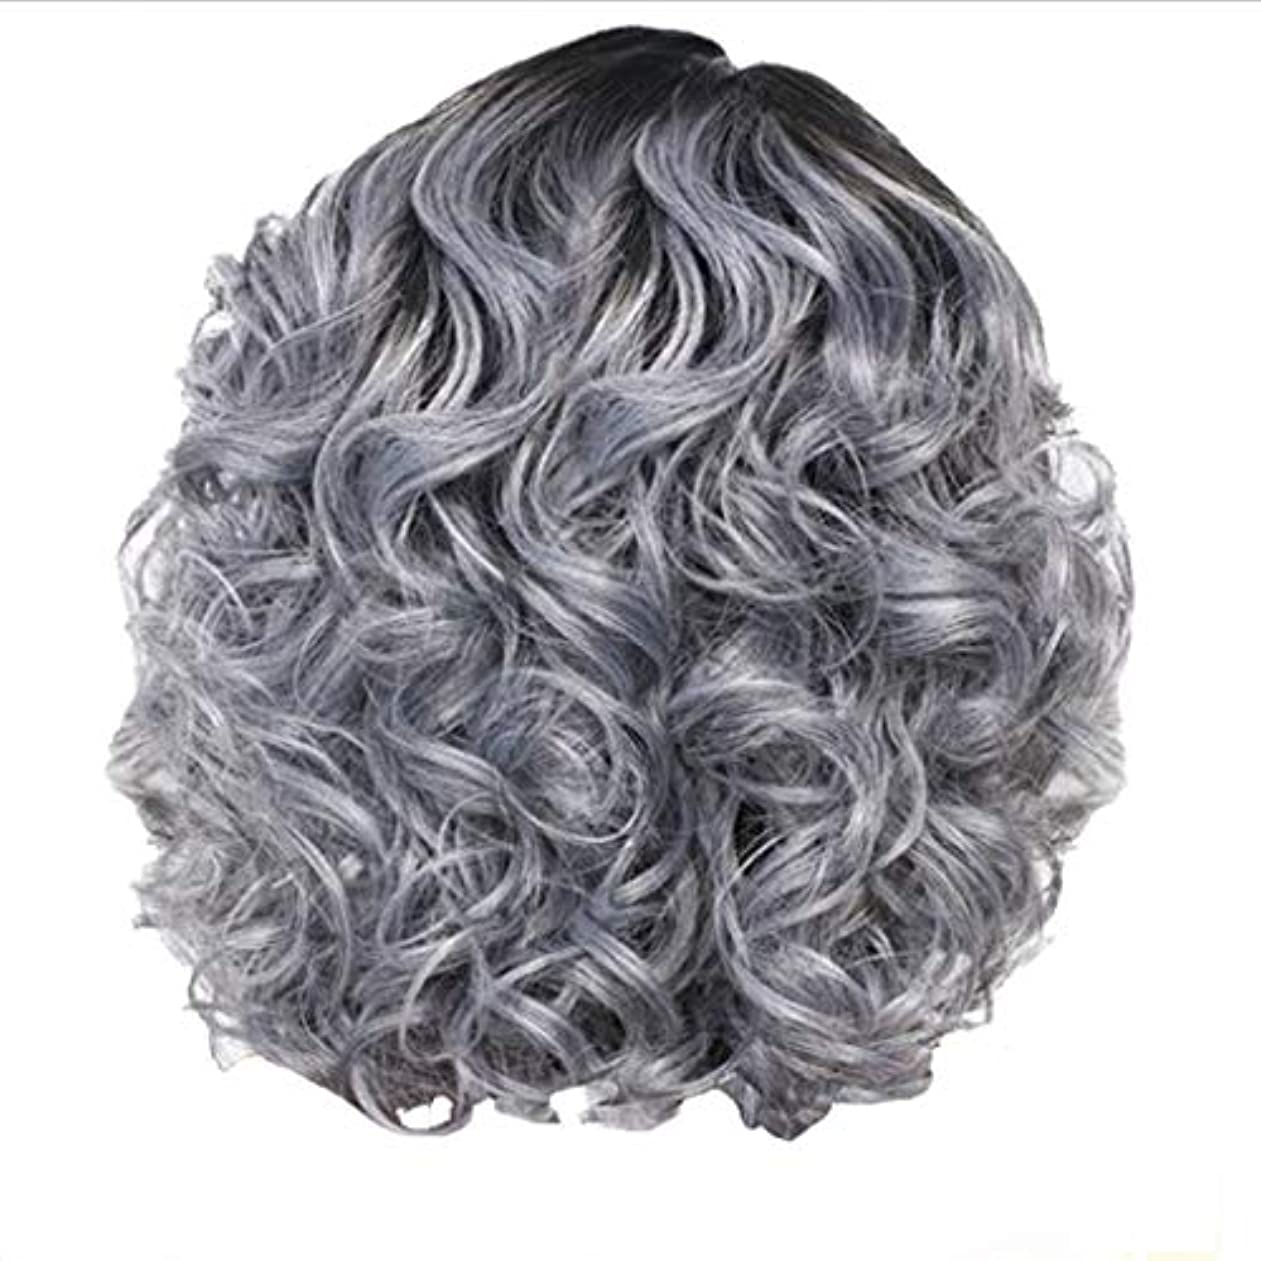 ショップインディカ関係ないかつら女性の短い巻き毛シルバーグレーレトロ巻き毛ネット30 cm